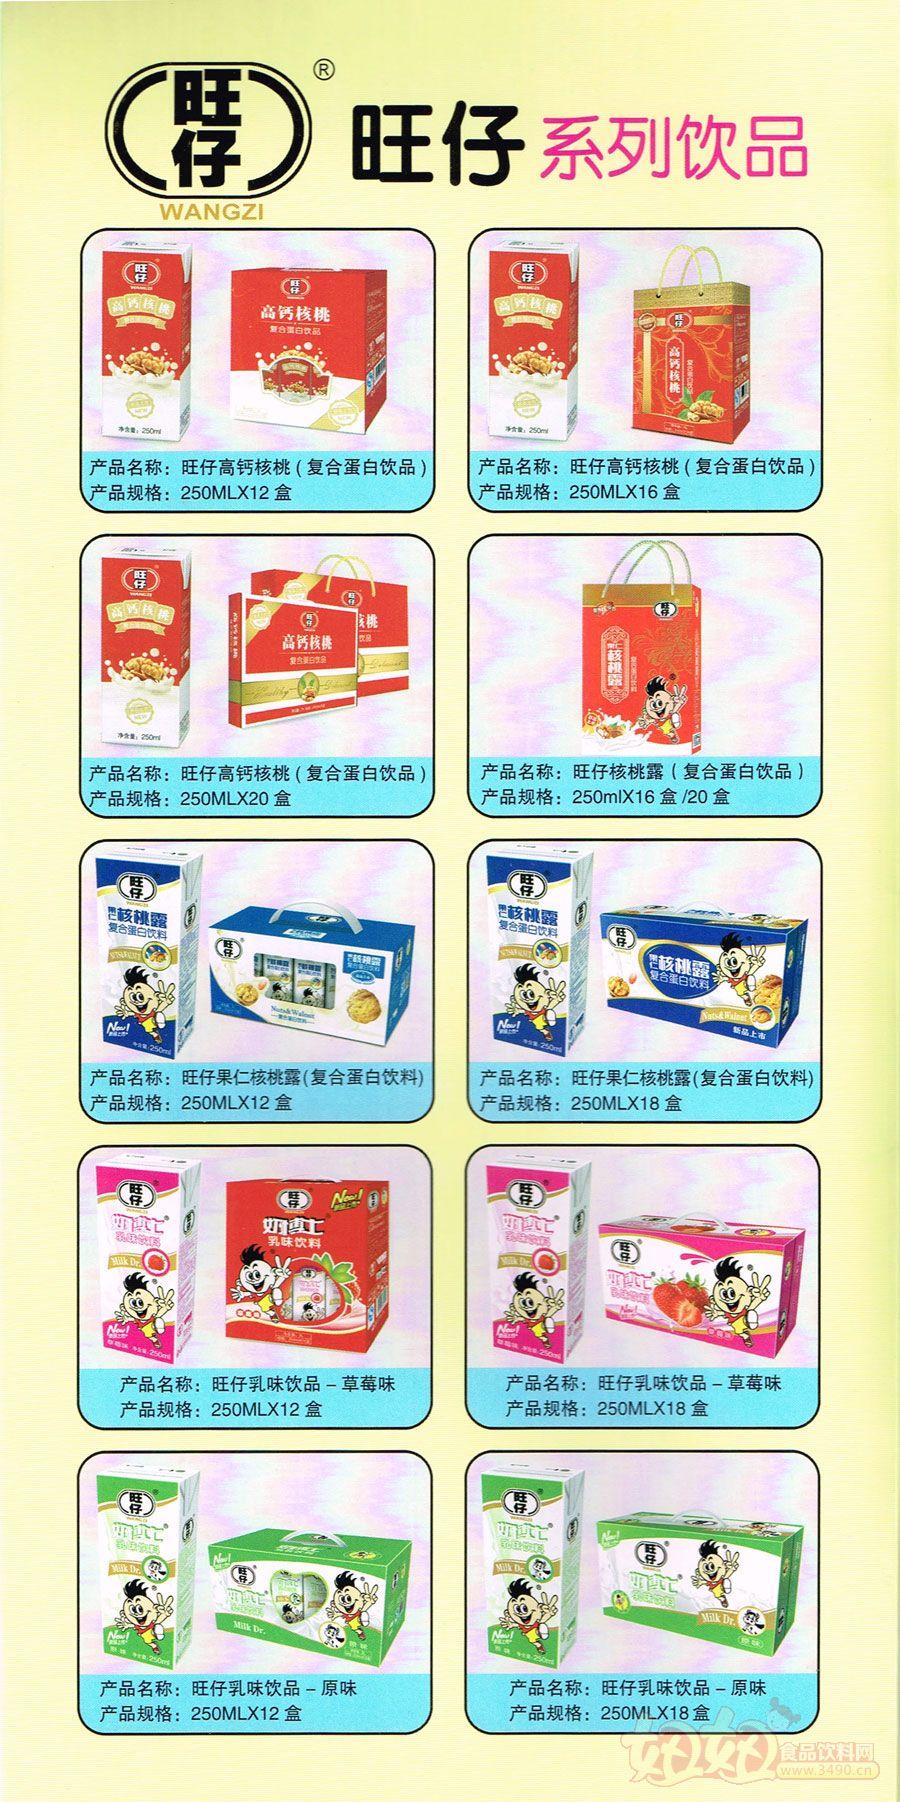 临沂碧思特食品饮料公司旺仔系列产品